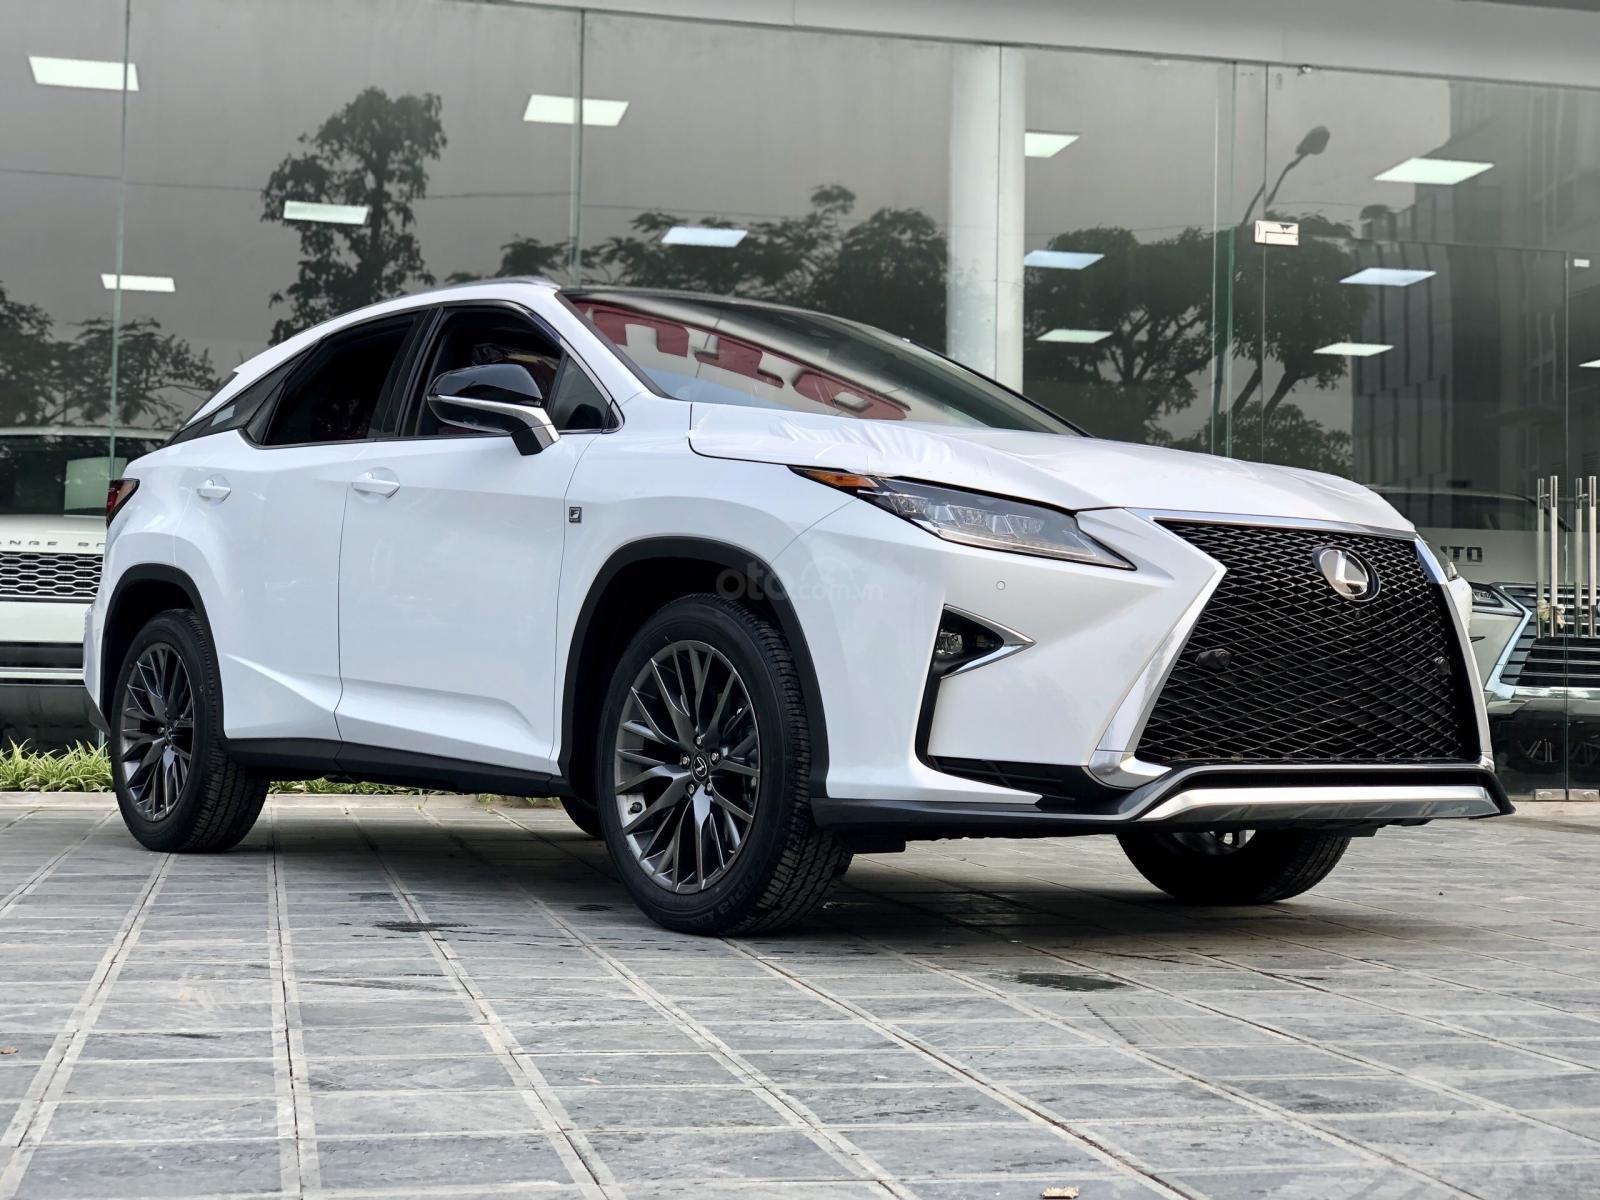 Bán xe Lexus RX350 Fsport 2019 màu trắng, mới 100% nhậP Mỹ. Trả trước 1 tỷ, bank hỗ trợ 80%. Em Lộc: 093.798.2266 (2)